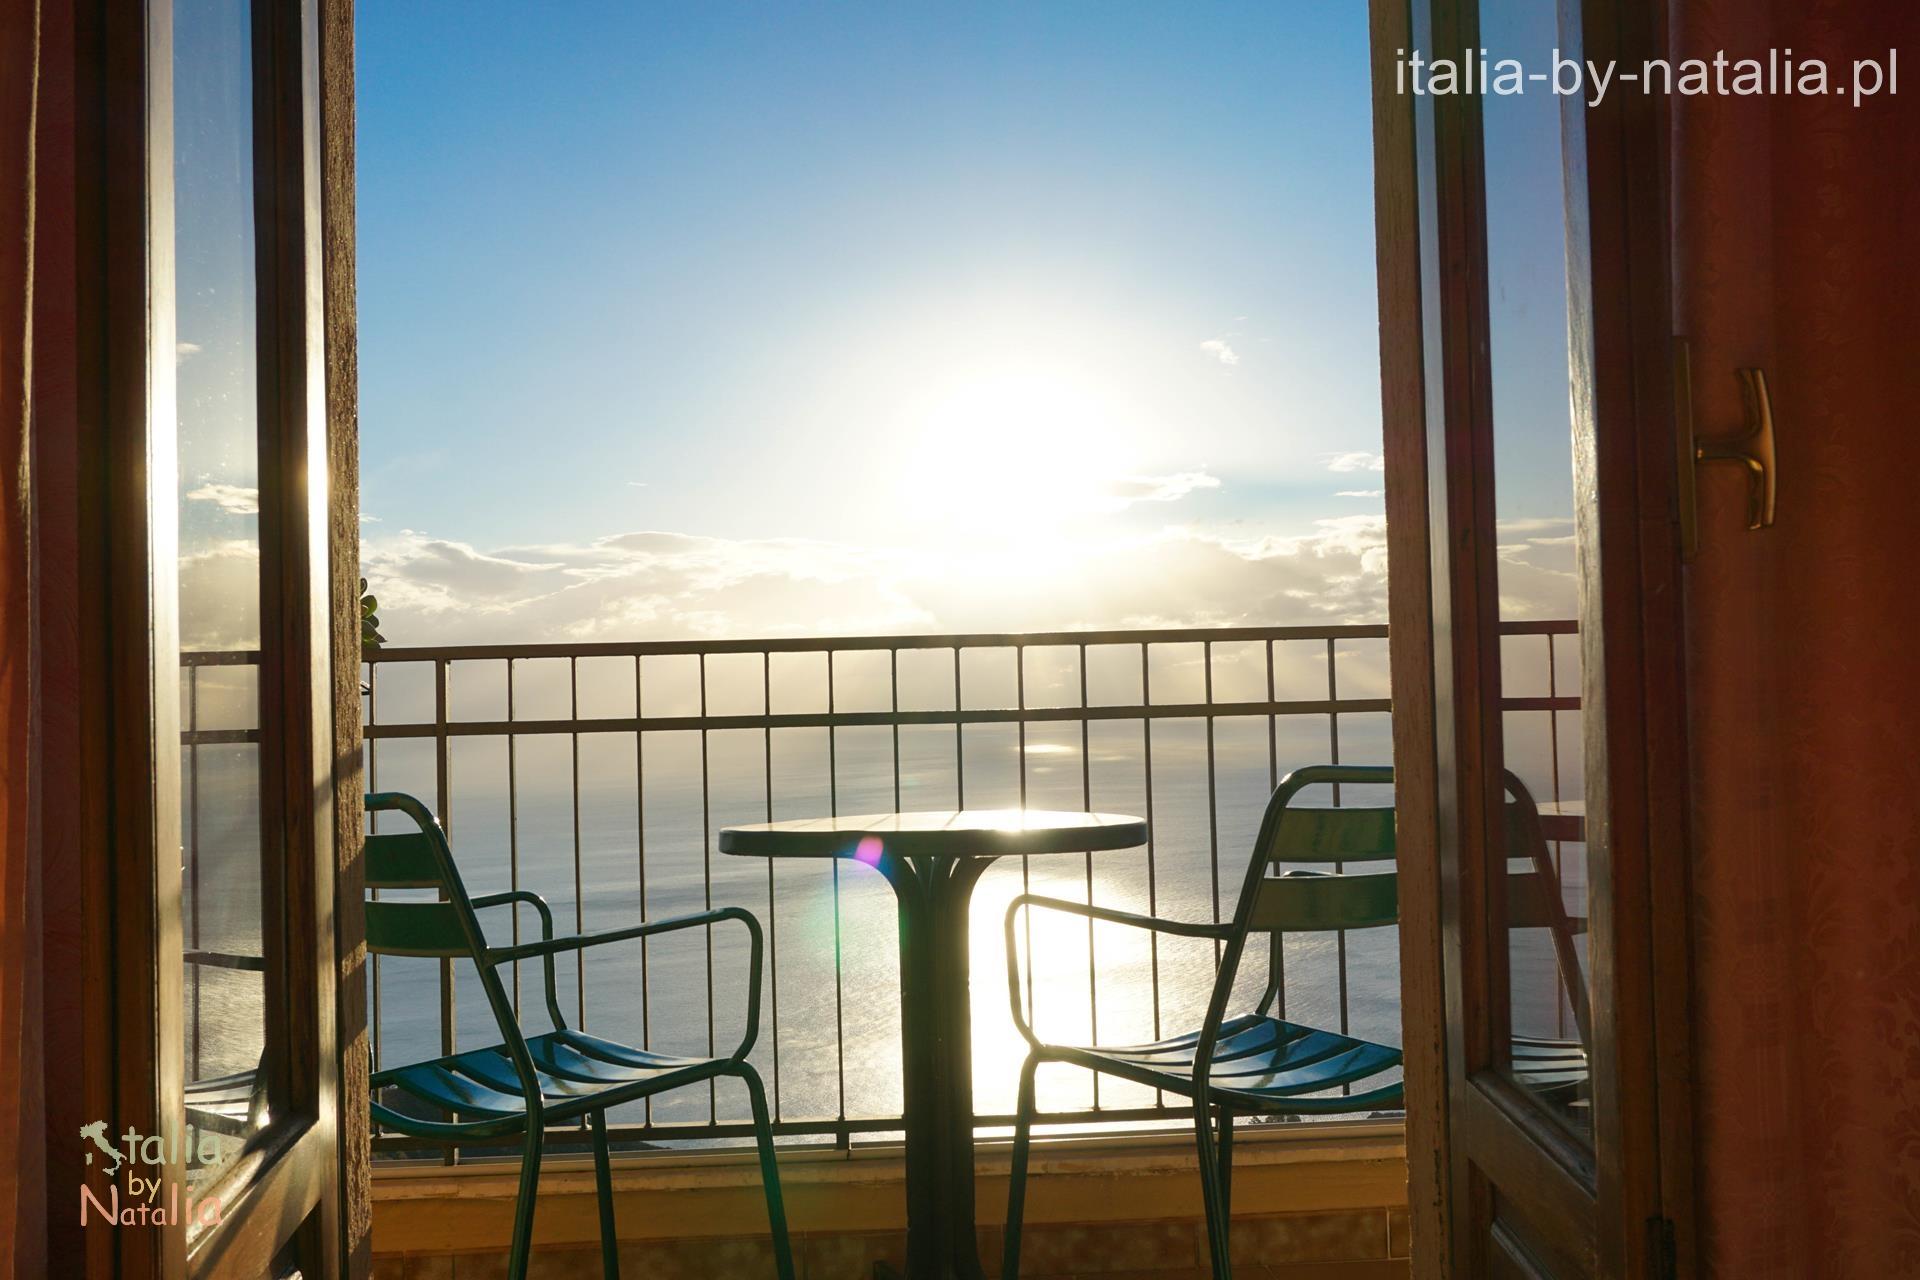 Castelmola Sycylia Villa Regina Włochy sprawdzone noclegi najpiękniejsze miasteczka miasta i atrakcje sycylii